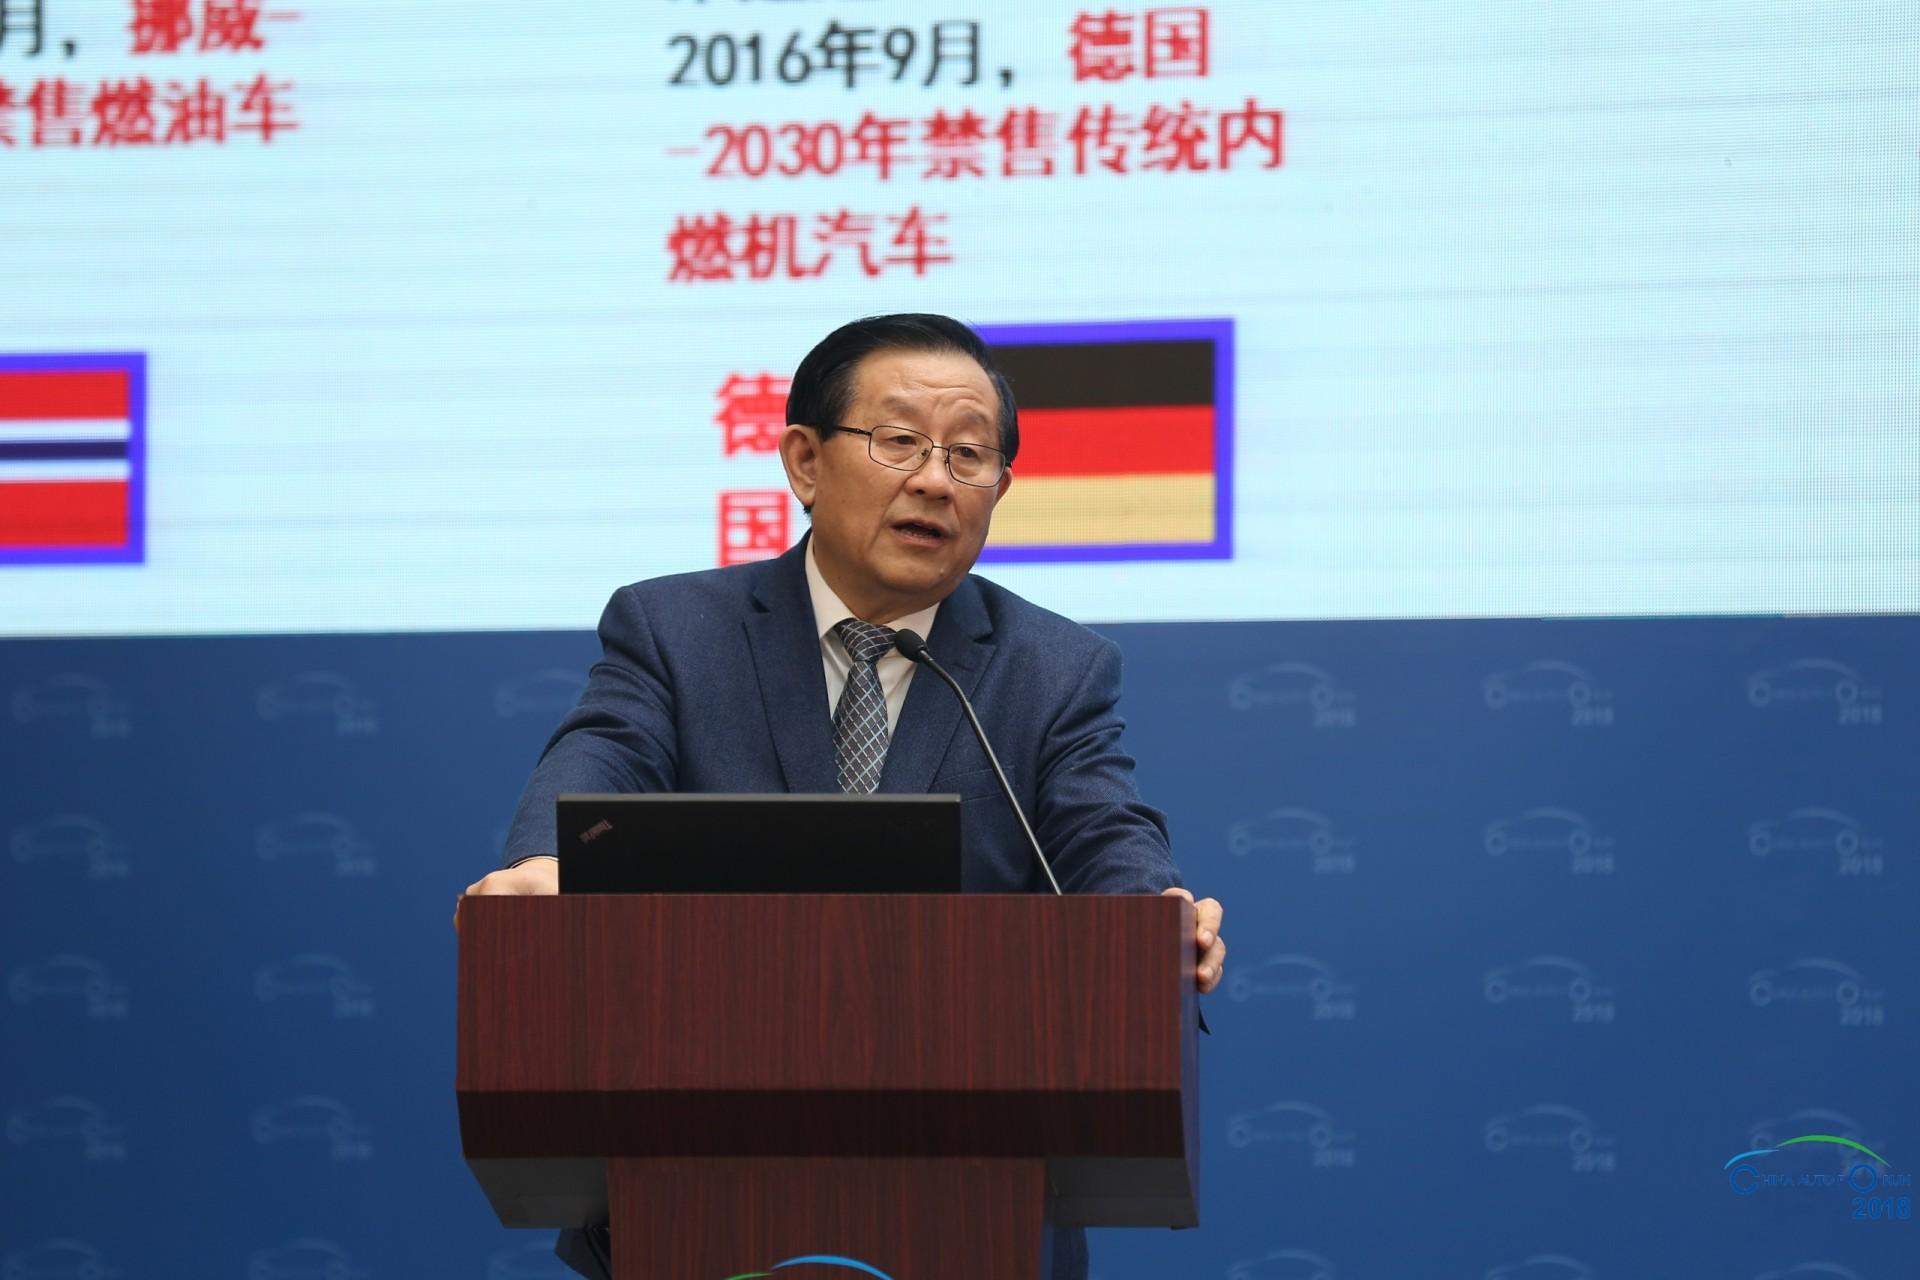 万钢:继续加强我国新能源产业科技创新升级